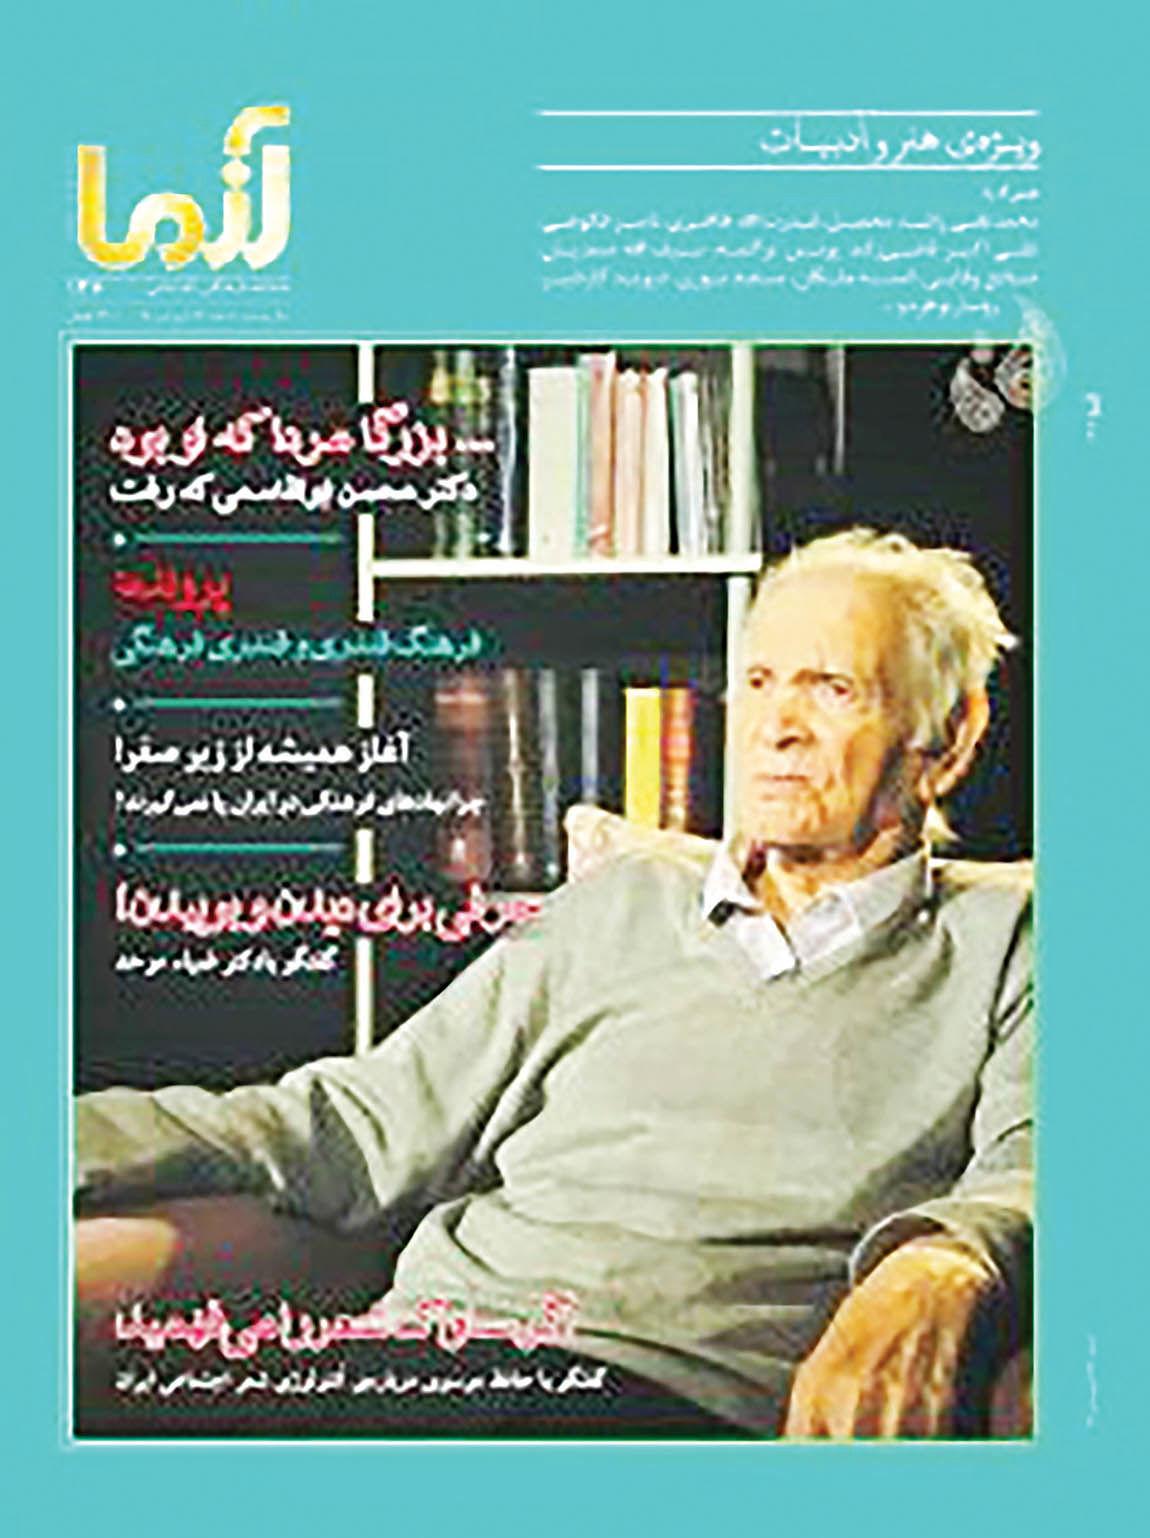 شماره جدید ماهنامه «آزما» با عکس محسن ابوالقاسمی